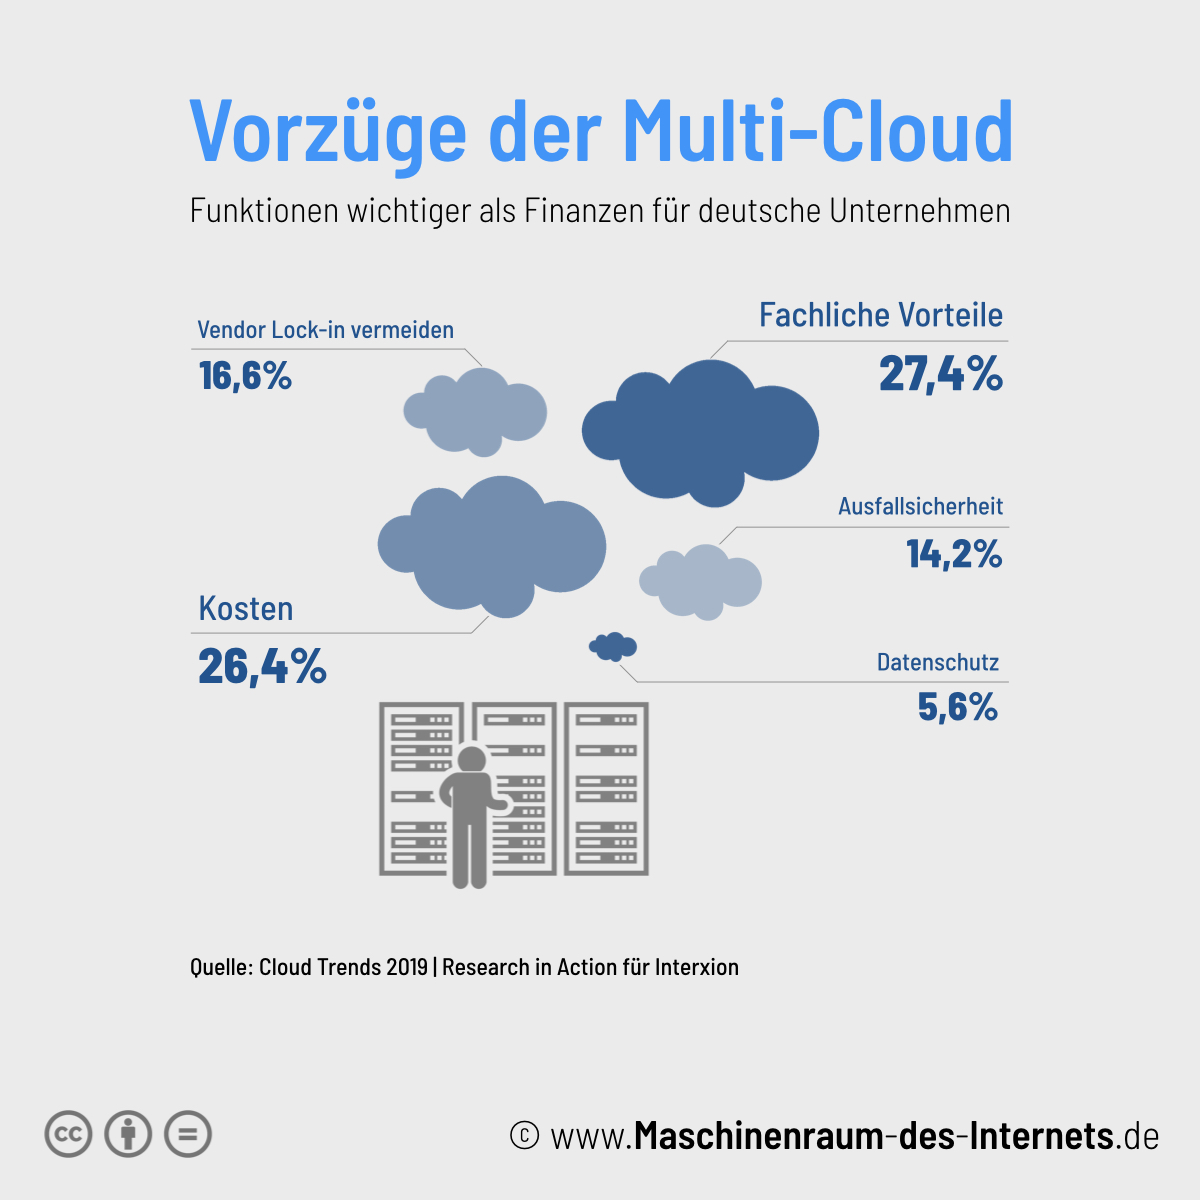 Maschinenraum des Internets ++ Vorzüge der Multi-Cloud